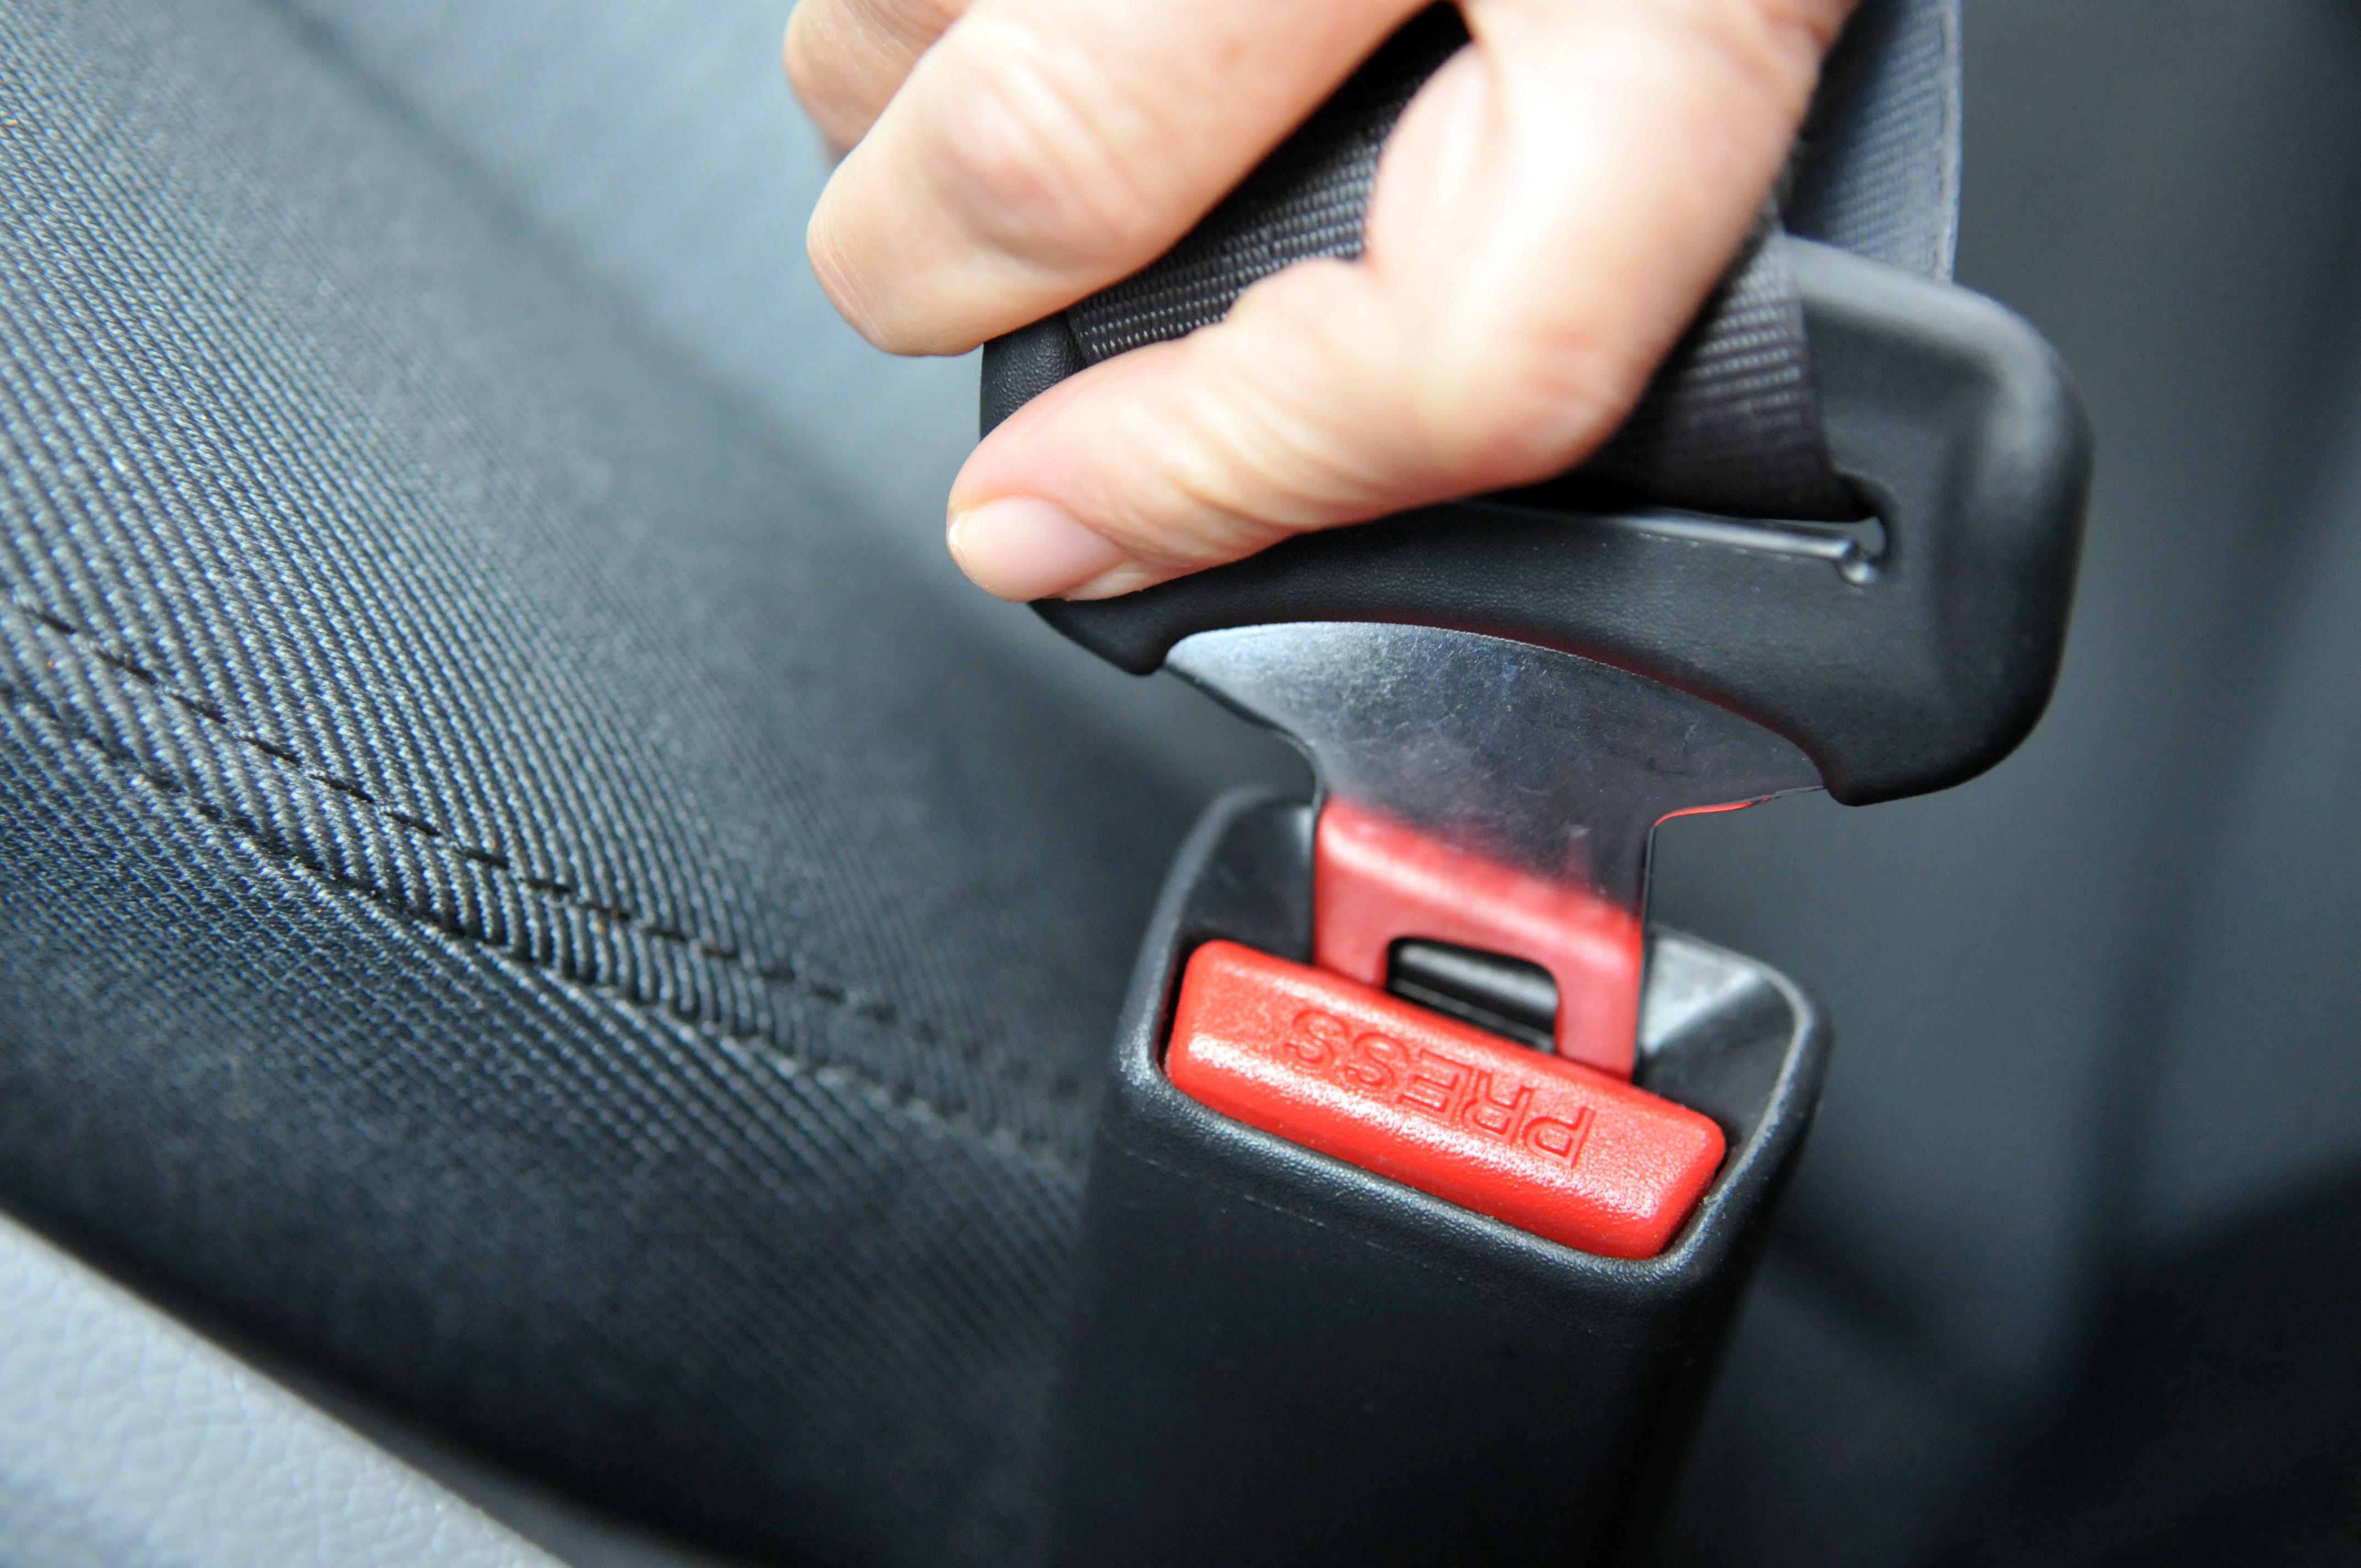 MyAirbags Seat belt repair and replacement